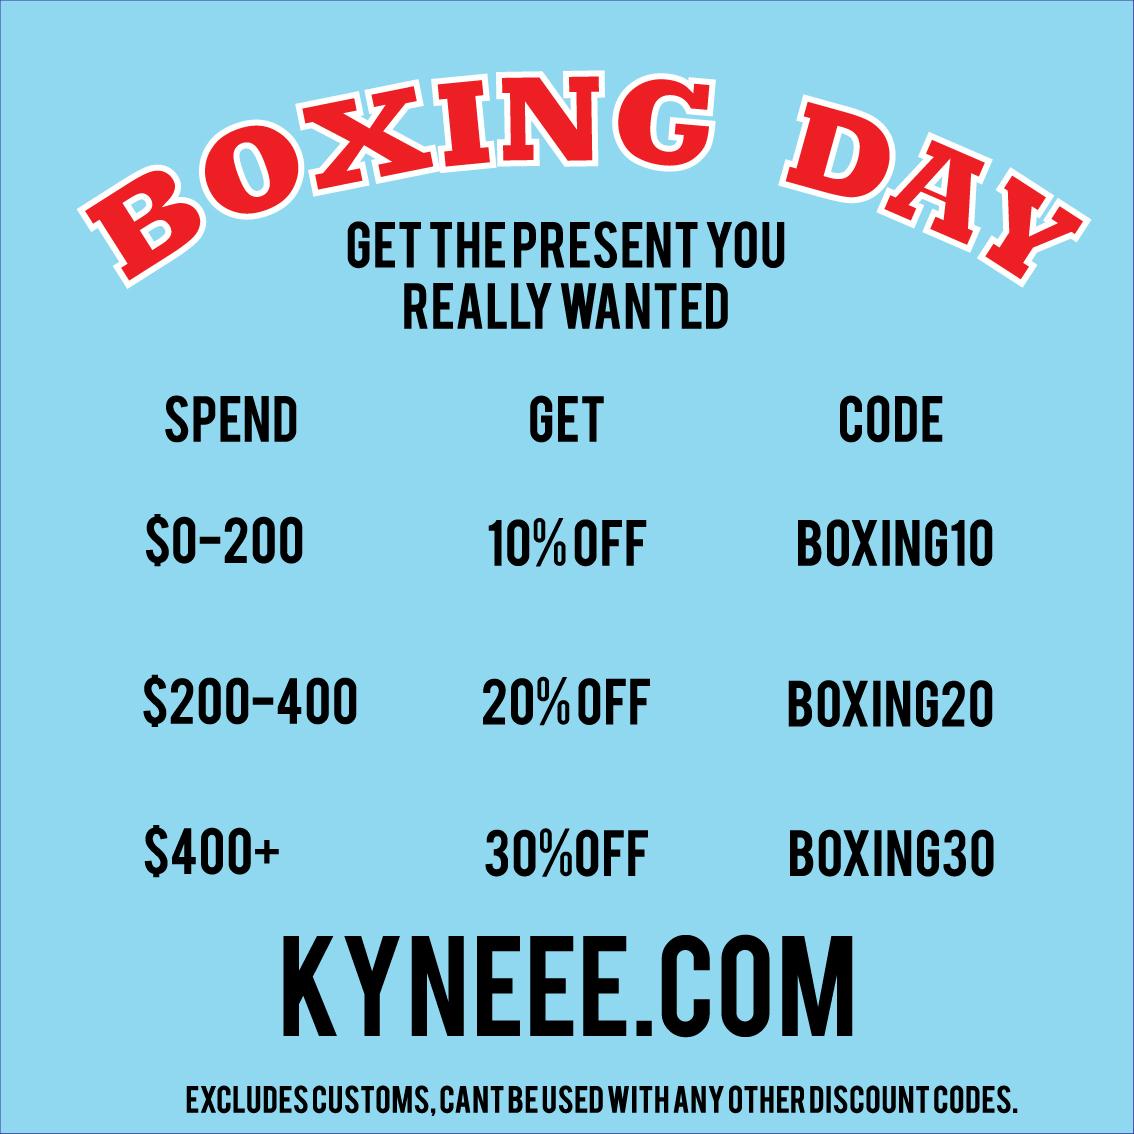 boxingdaywithcodes